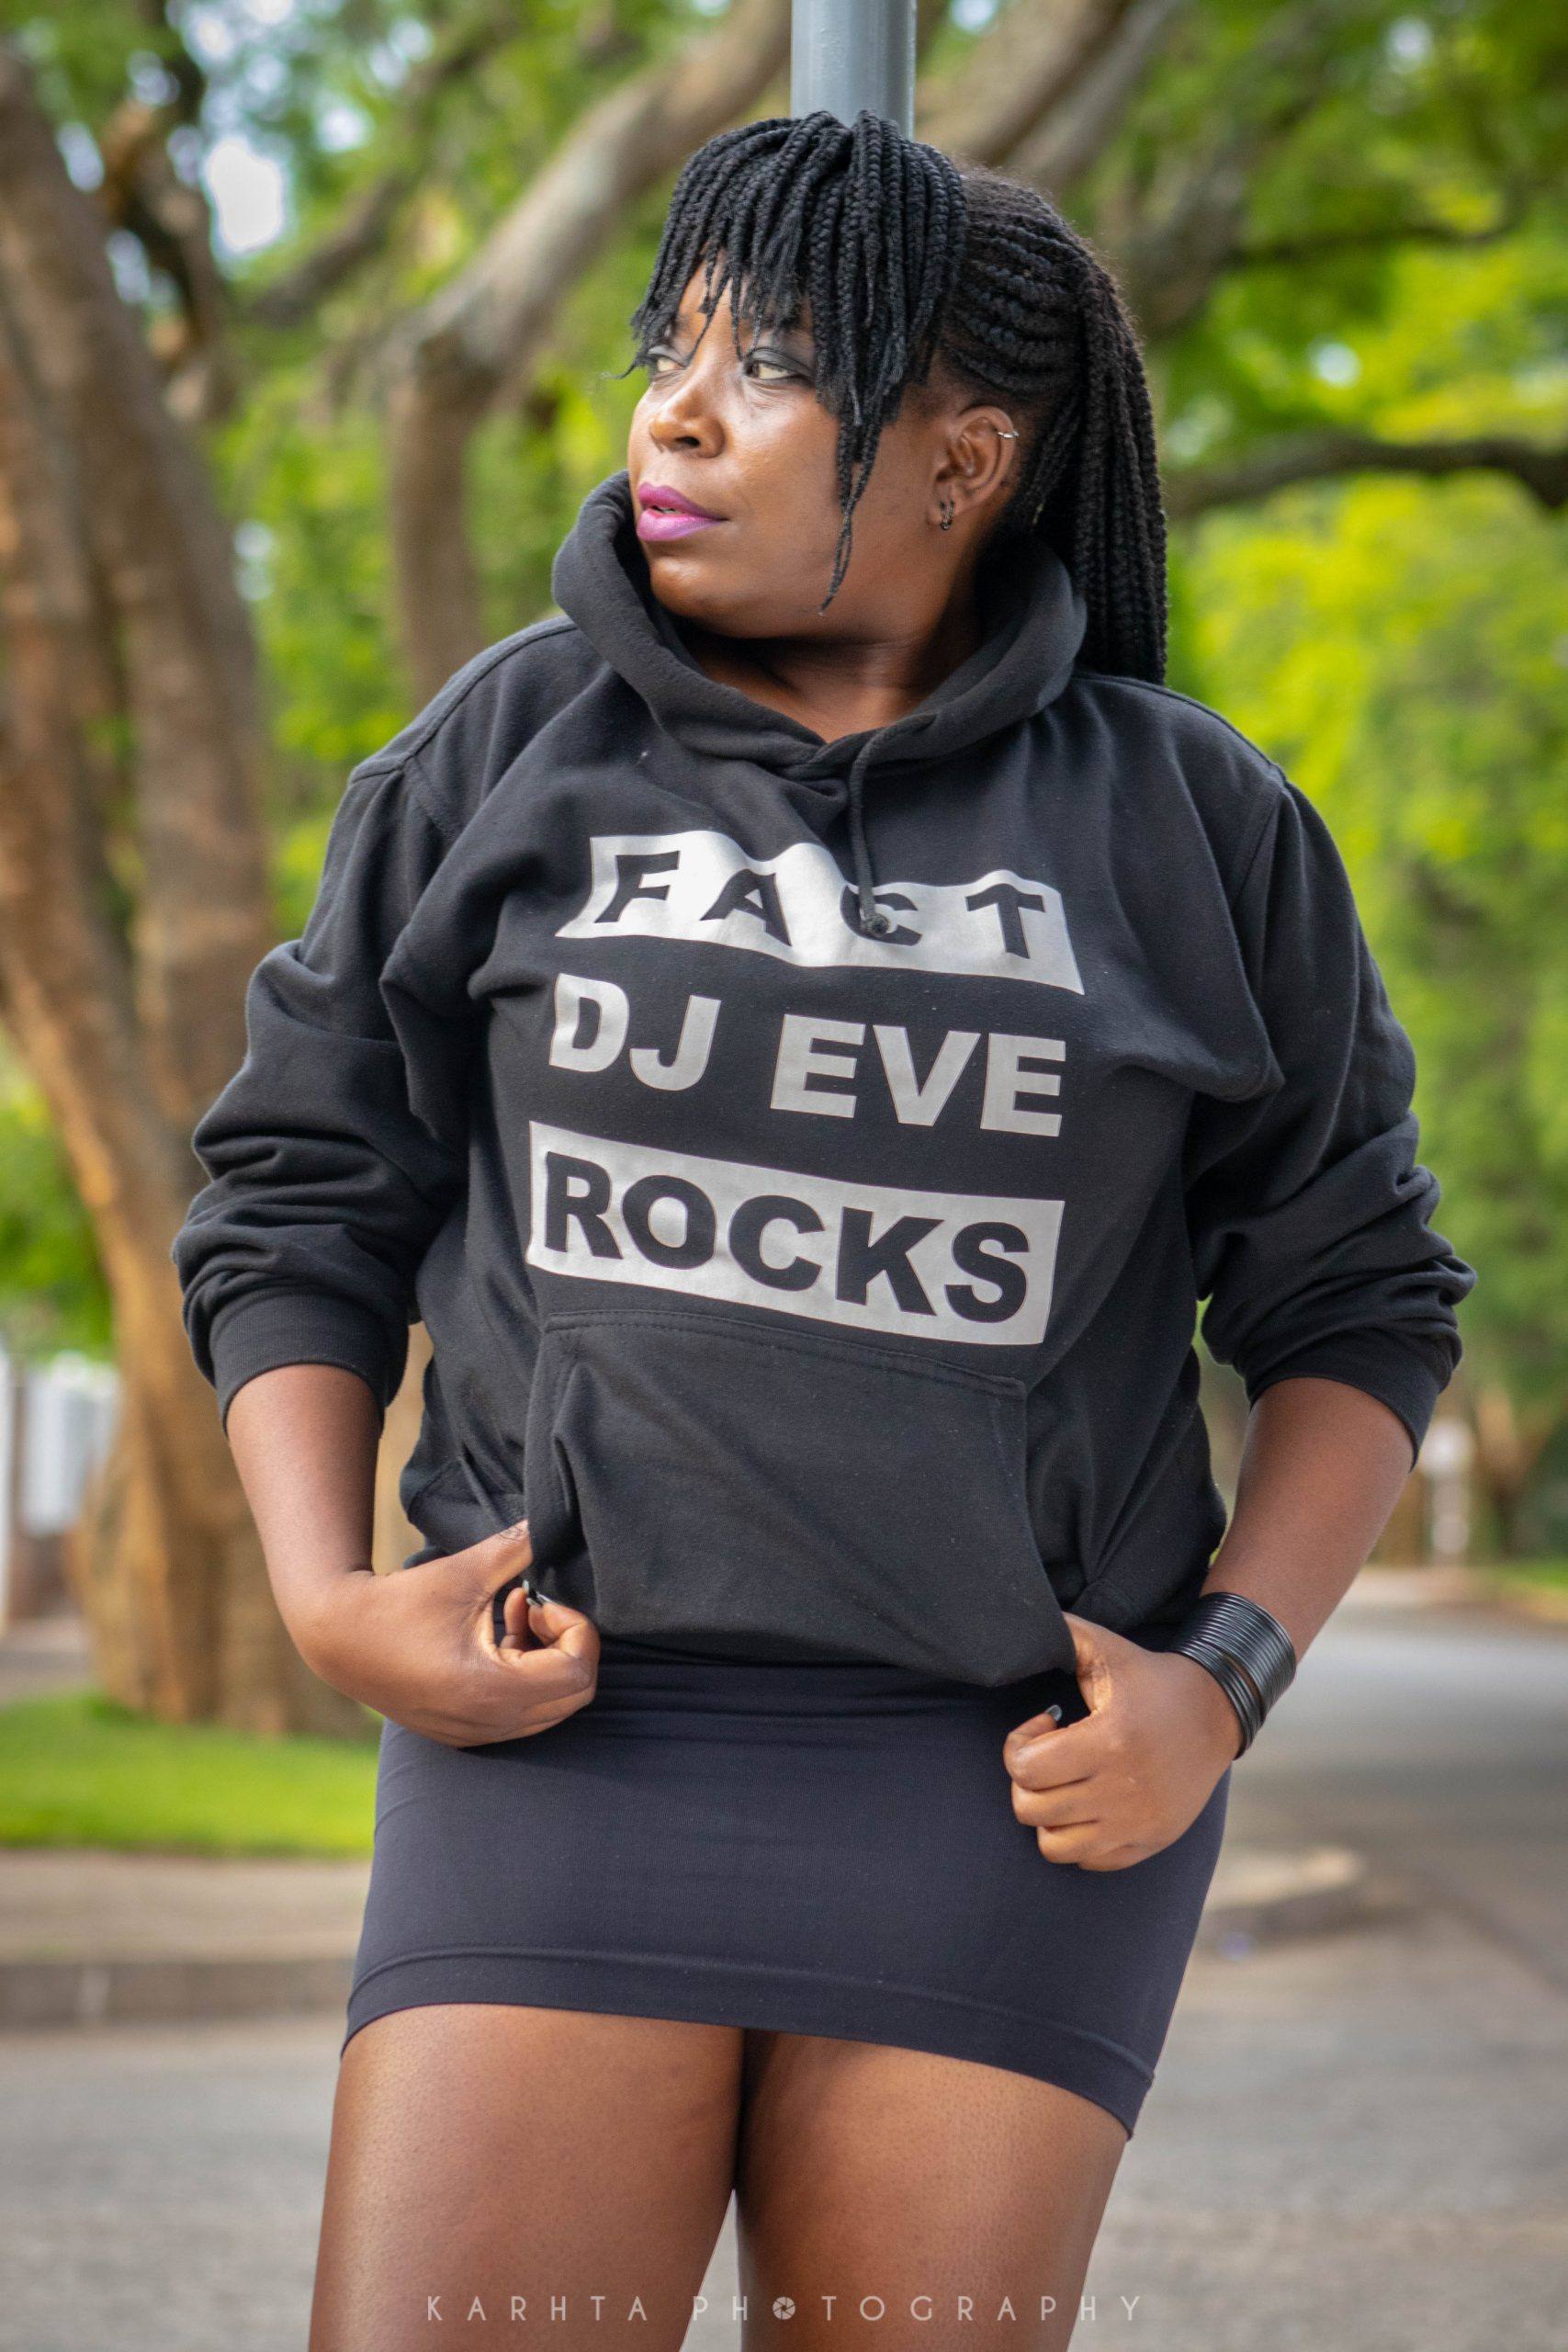 Revealing Zimbabwe Under-Celebrated Woman